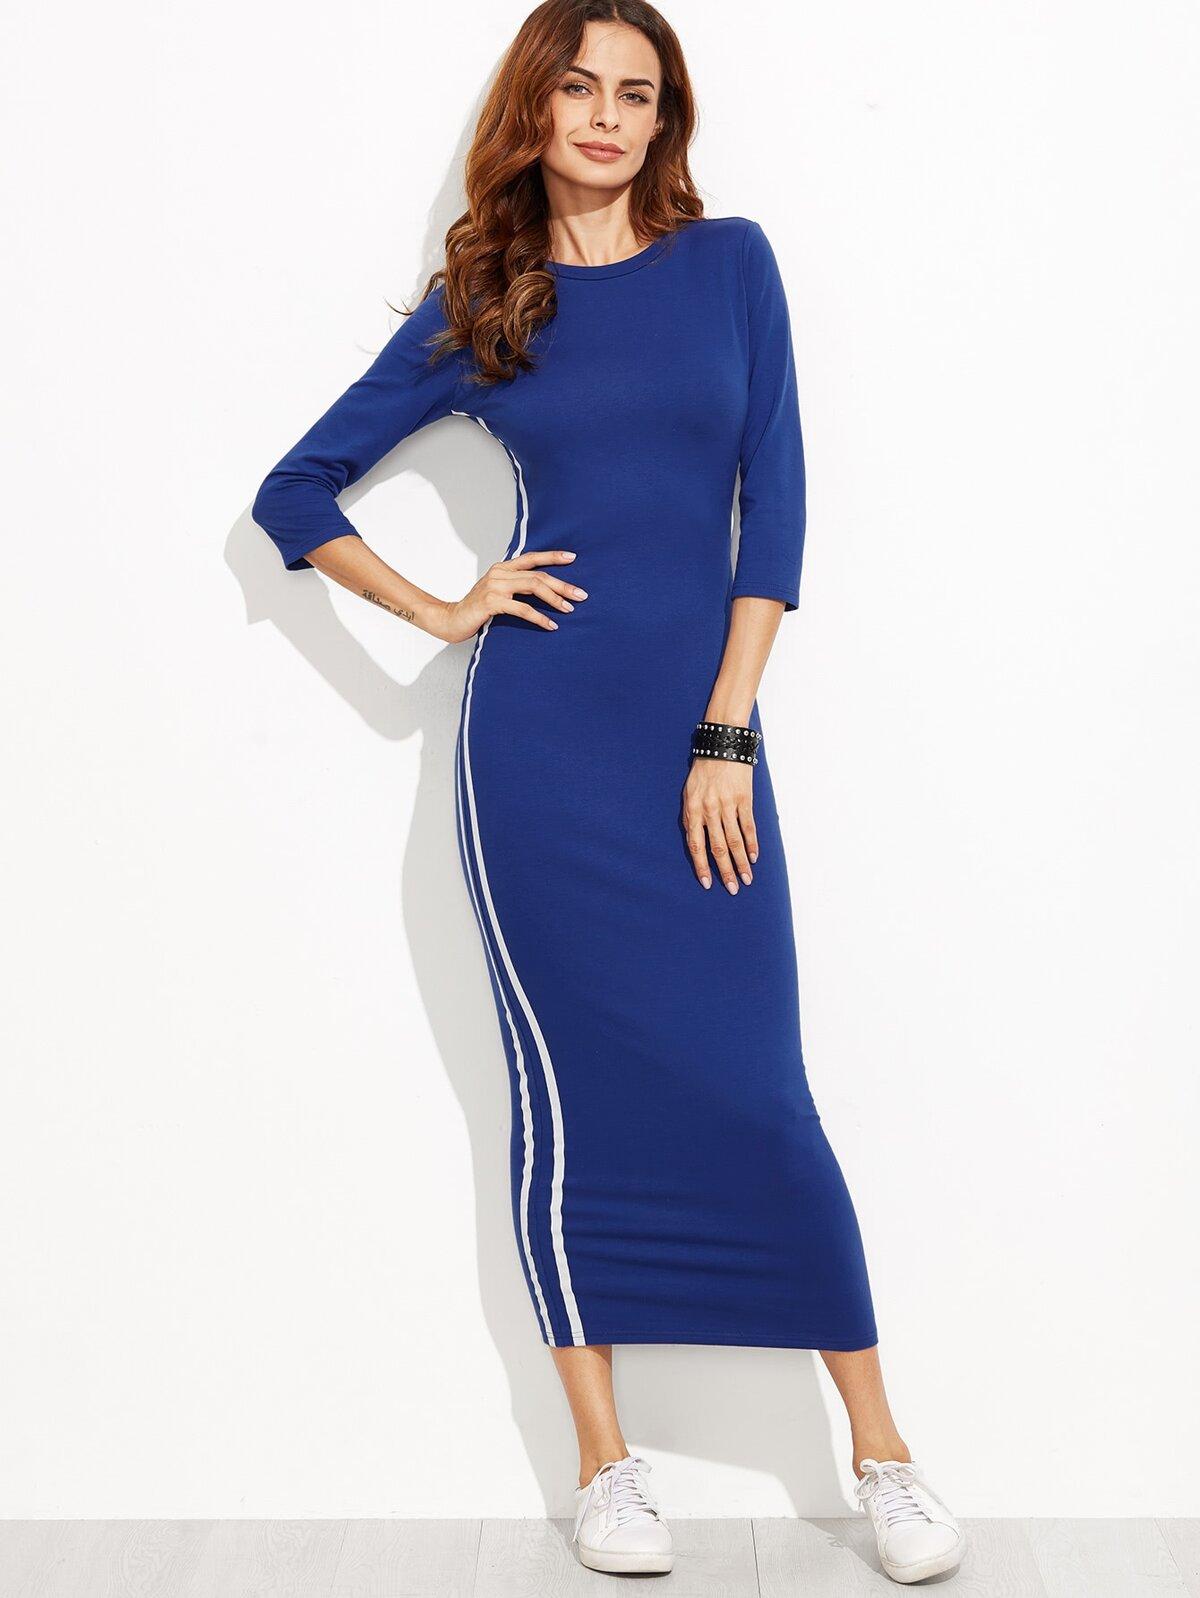 藍色 3/4 袖子 條紋 側邊 接縫 鉛筆 洋裝